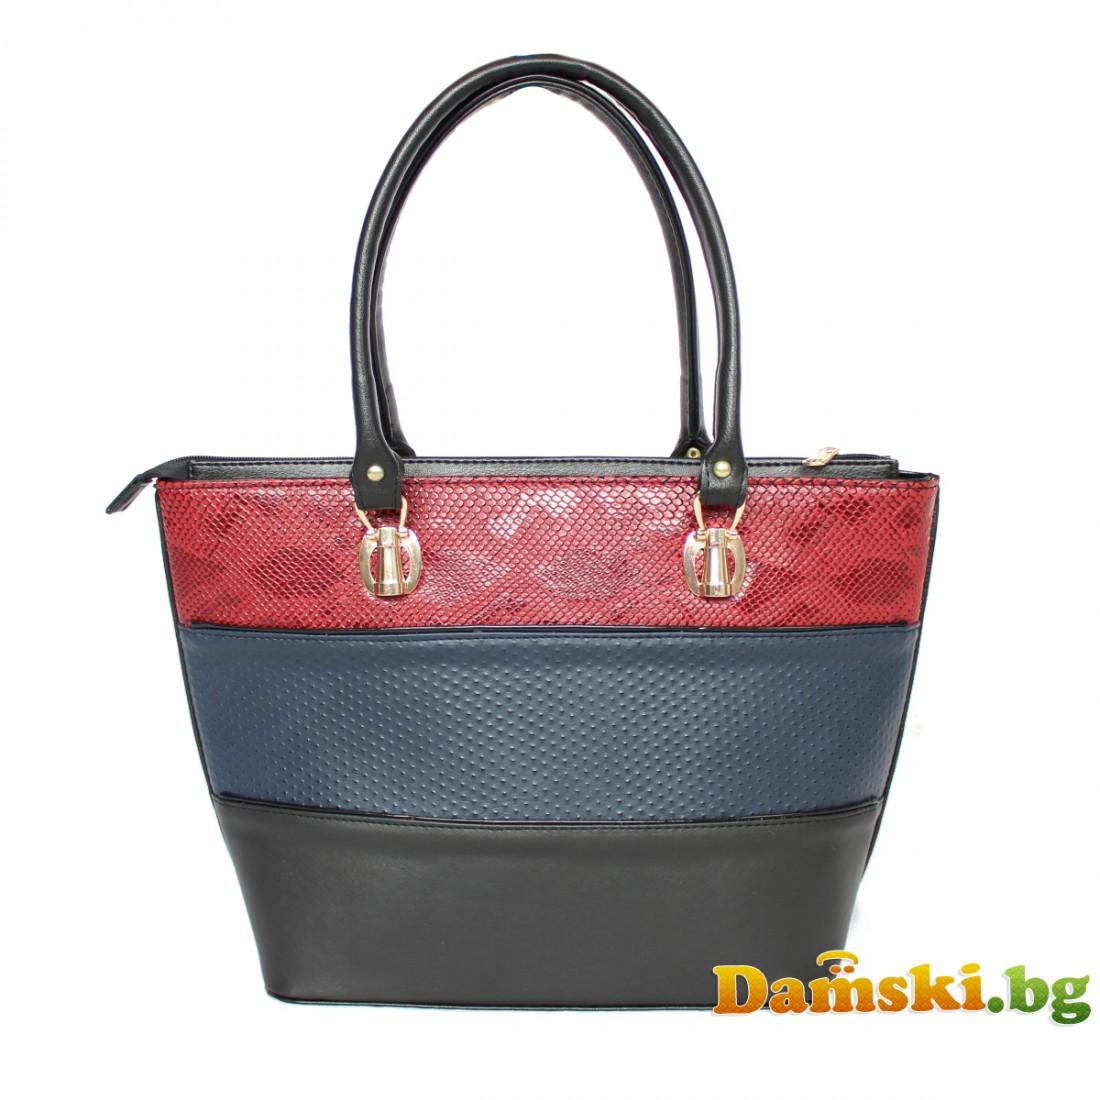 Стилни дамски чанти - Дени